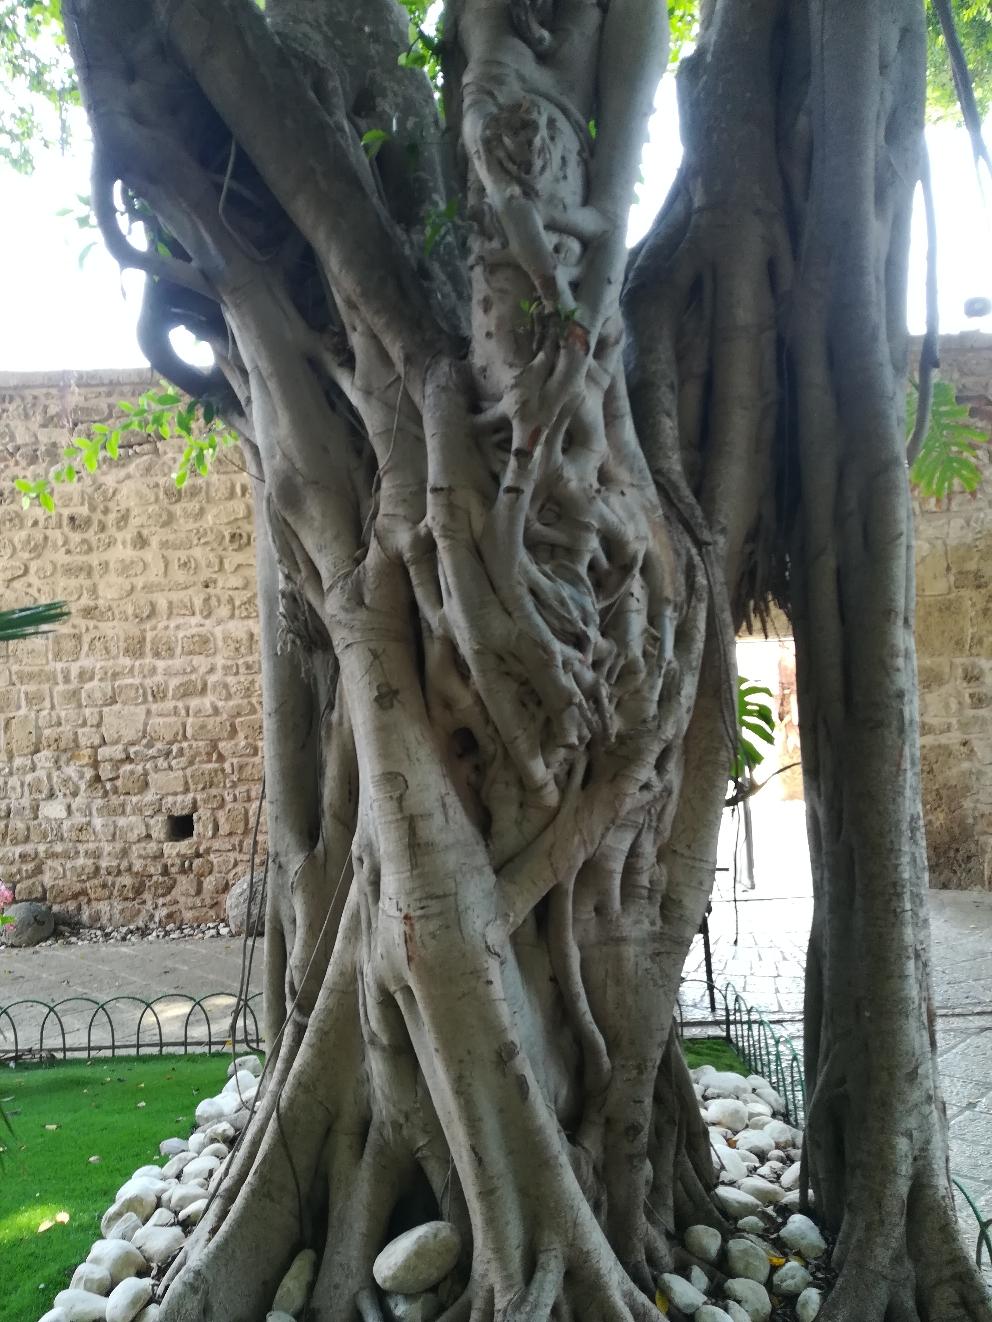 Baumskulpturen im Innenhof eines Gartens in Akko